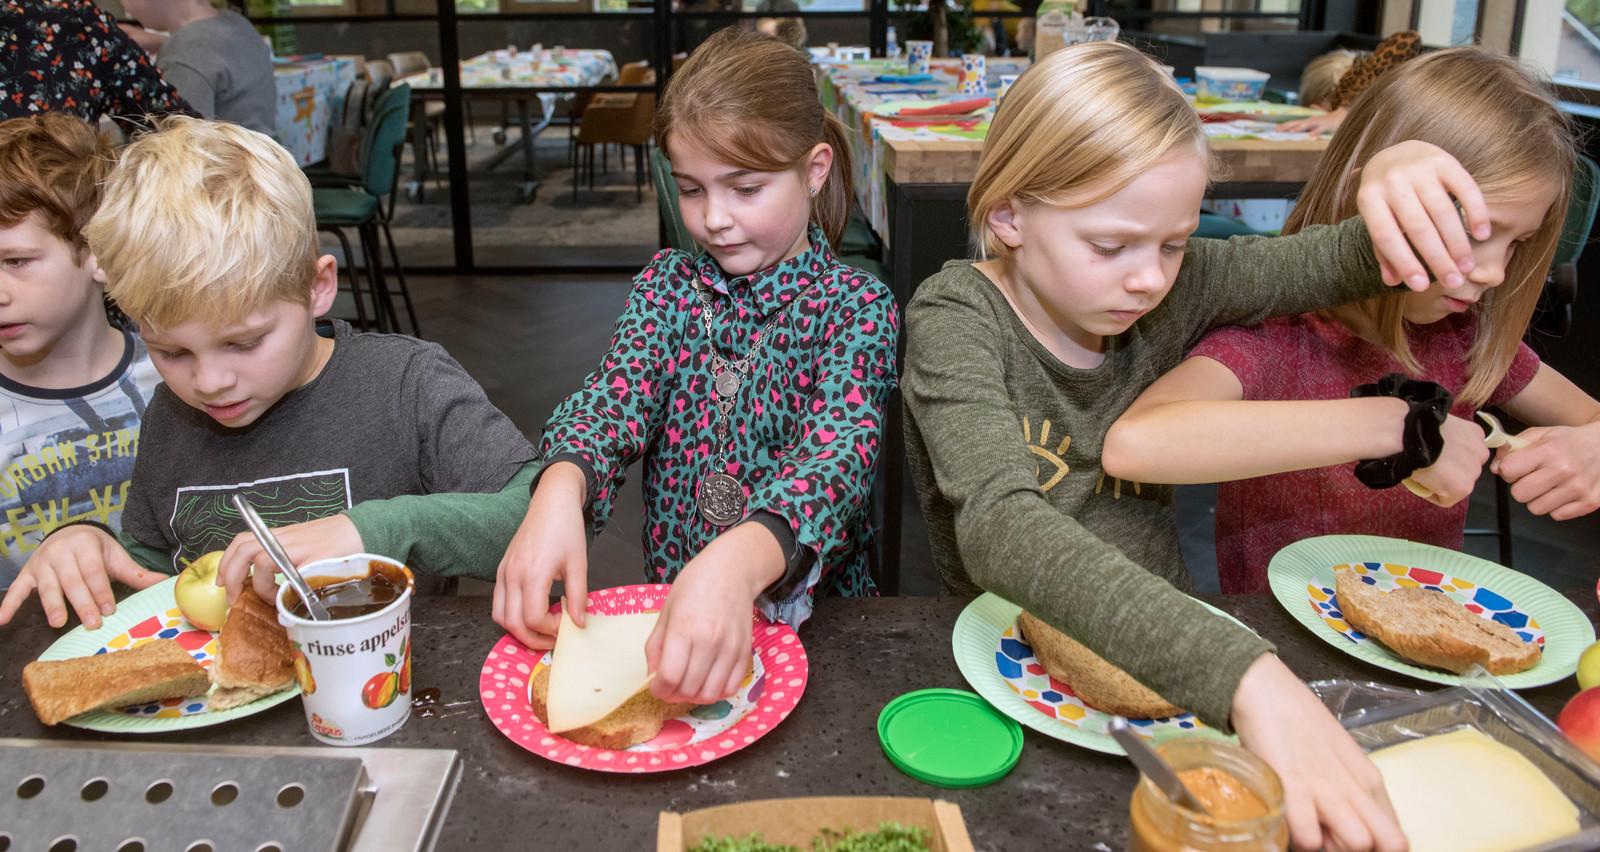 Emma van de Brug (m) ontbijt met de officiële burgemeestersketting, die ze tijdens het Nationaal Schoolontbijt omgehangen kreeg van burgemeester Henk Lambooij.